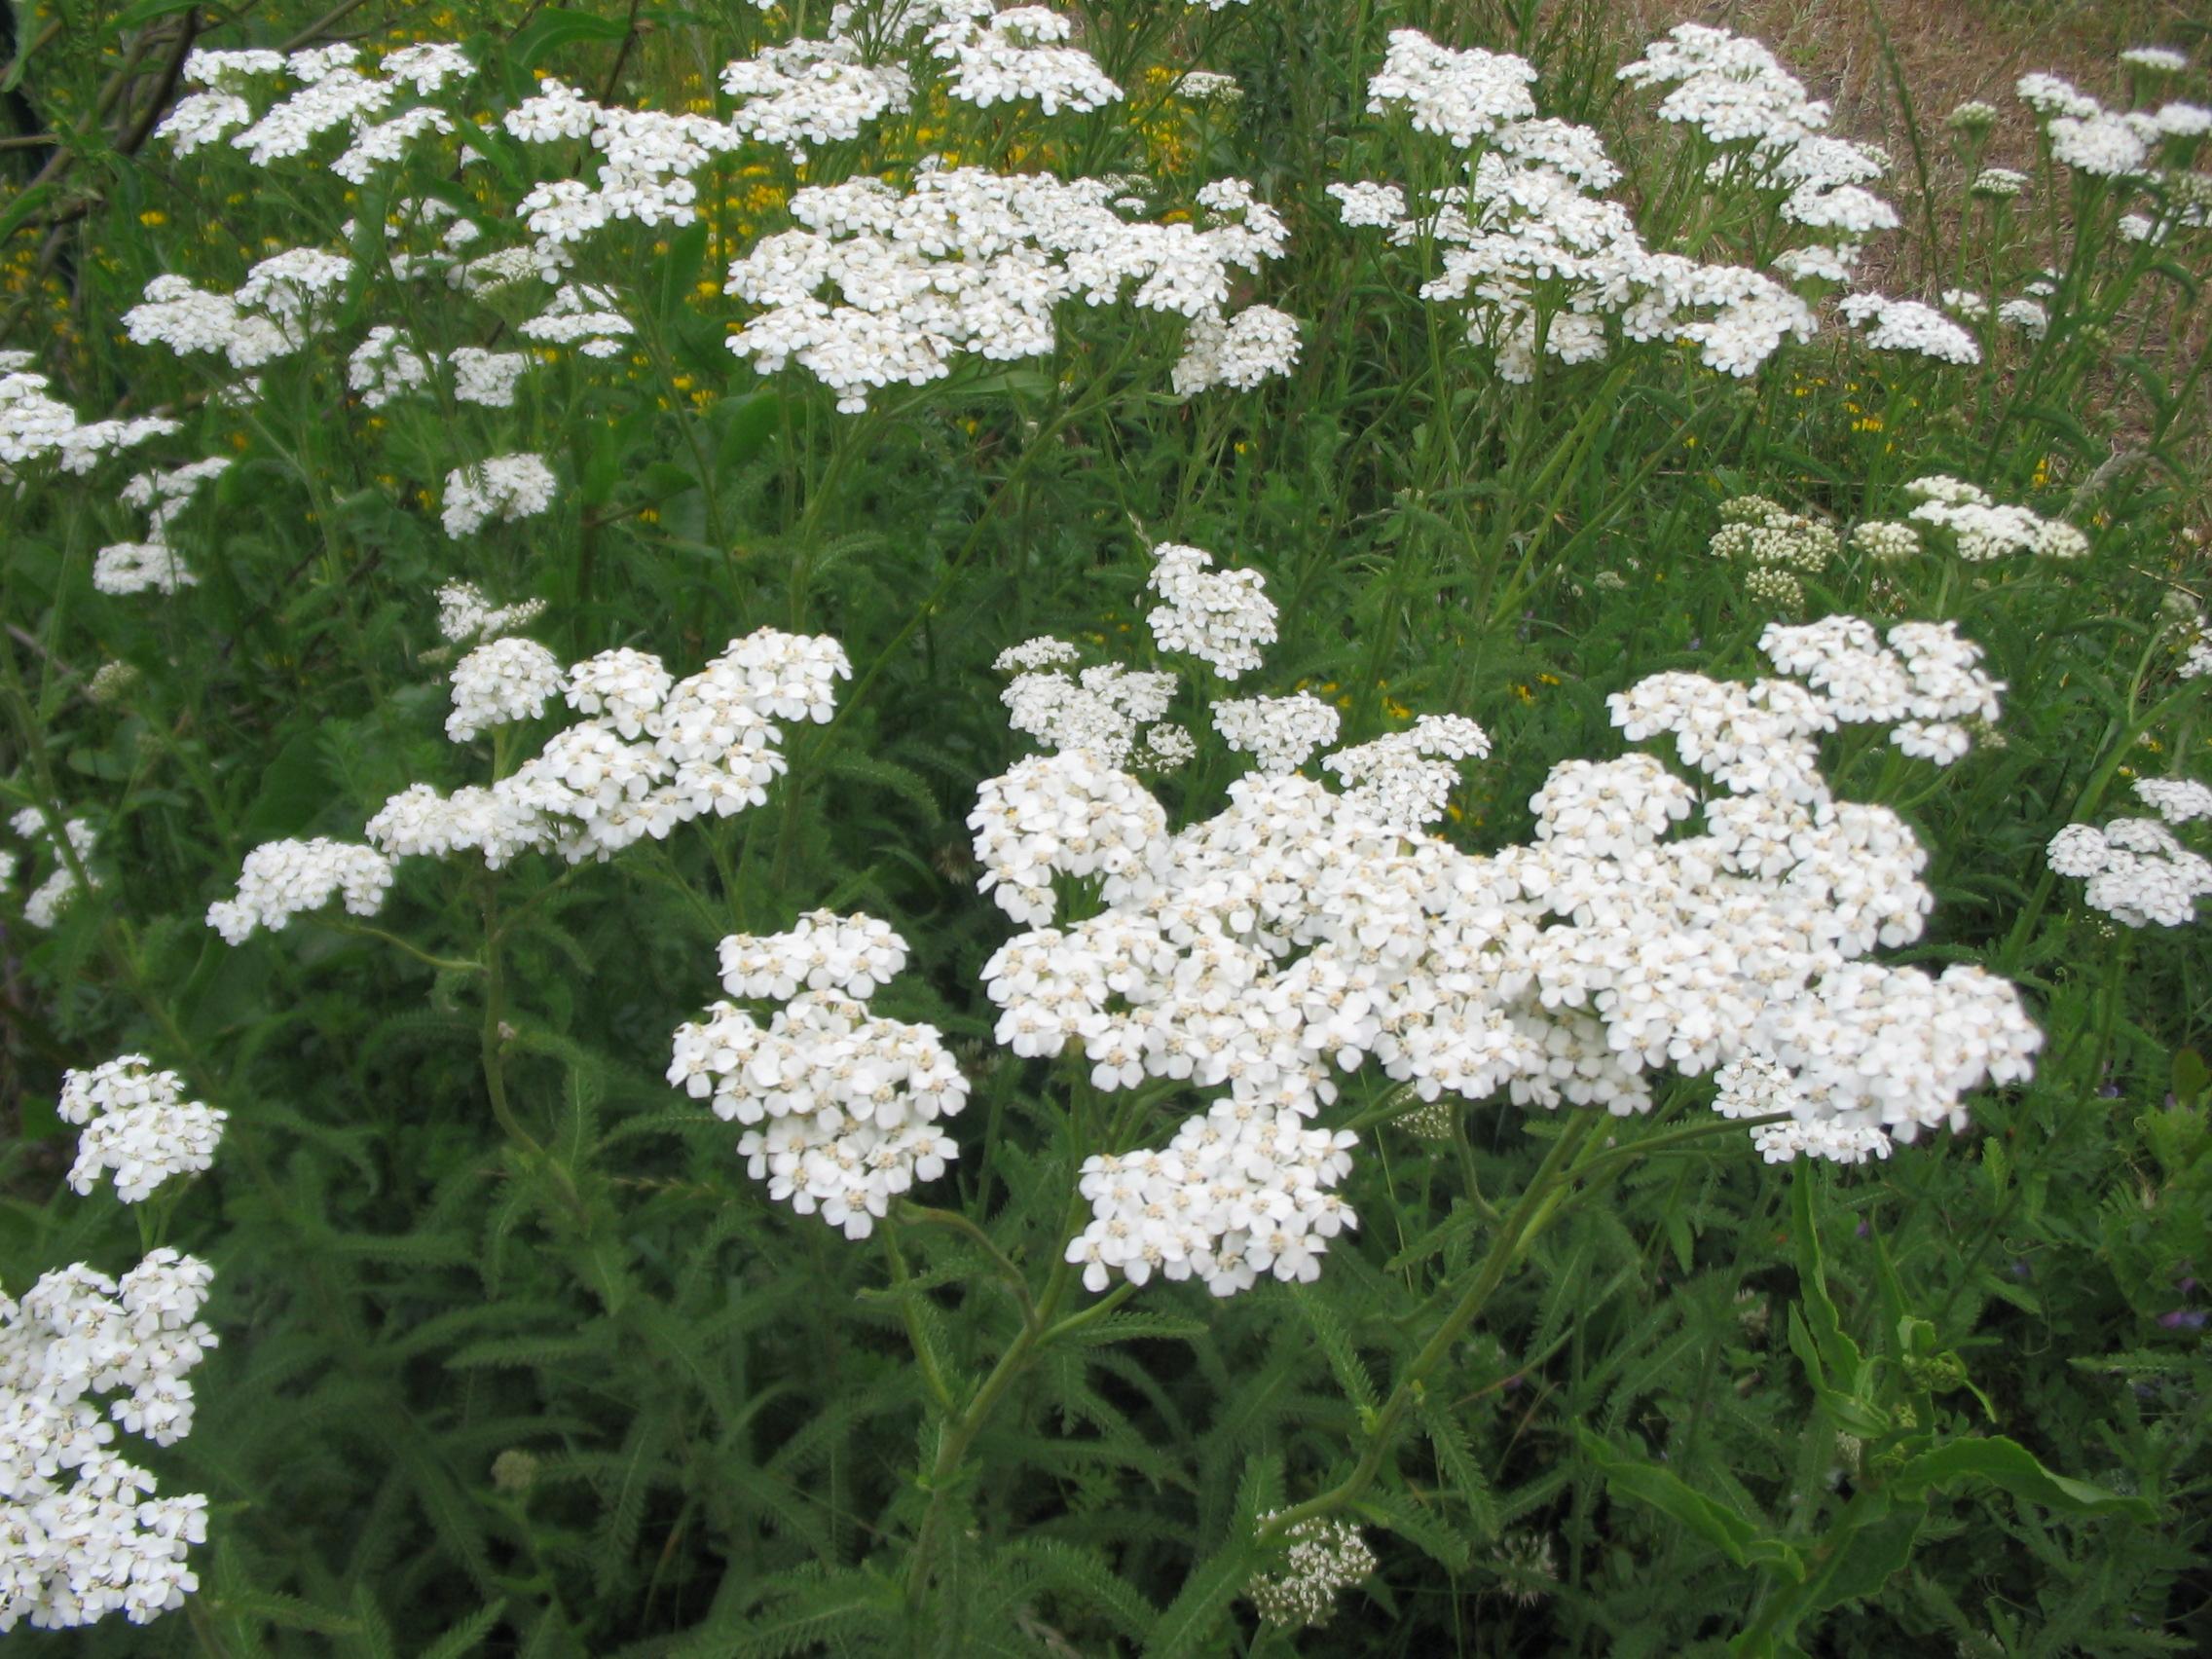 Plantas tapizantes: Características generales y especies más utilizadas